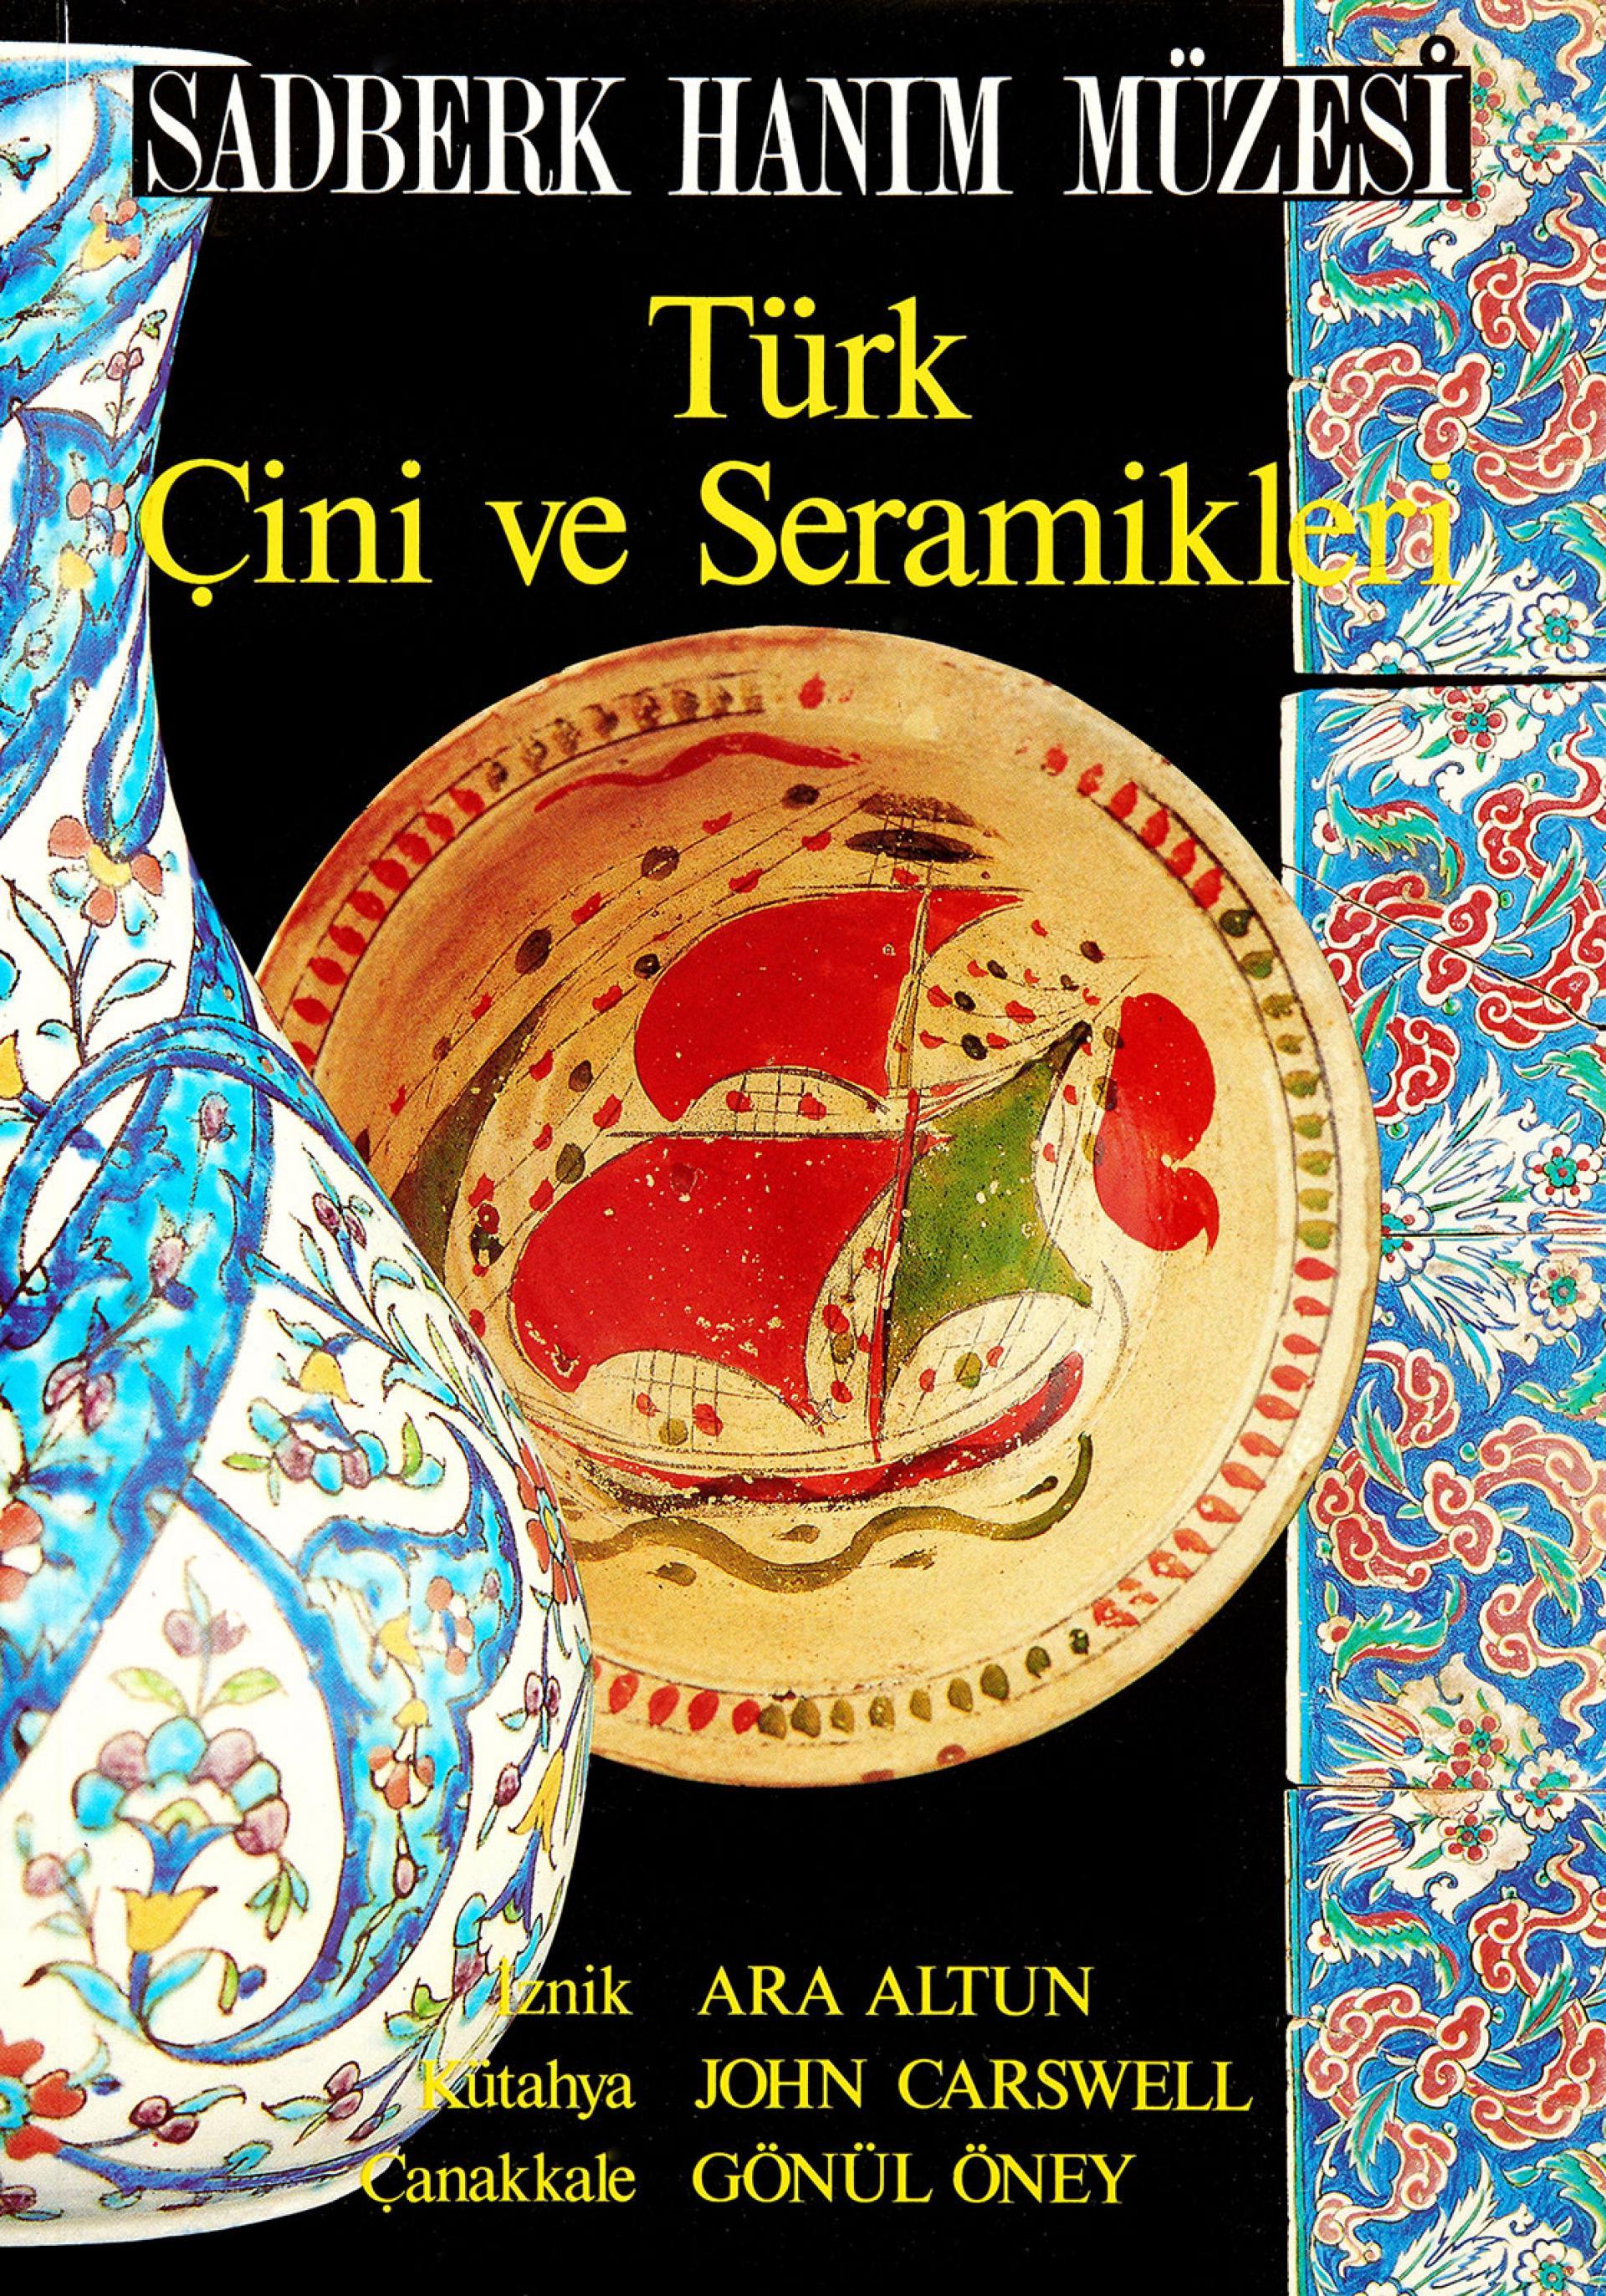 Türk Çini ve Seramikleri - BOOKS - Sadberk Hanım Museum